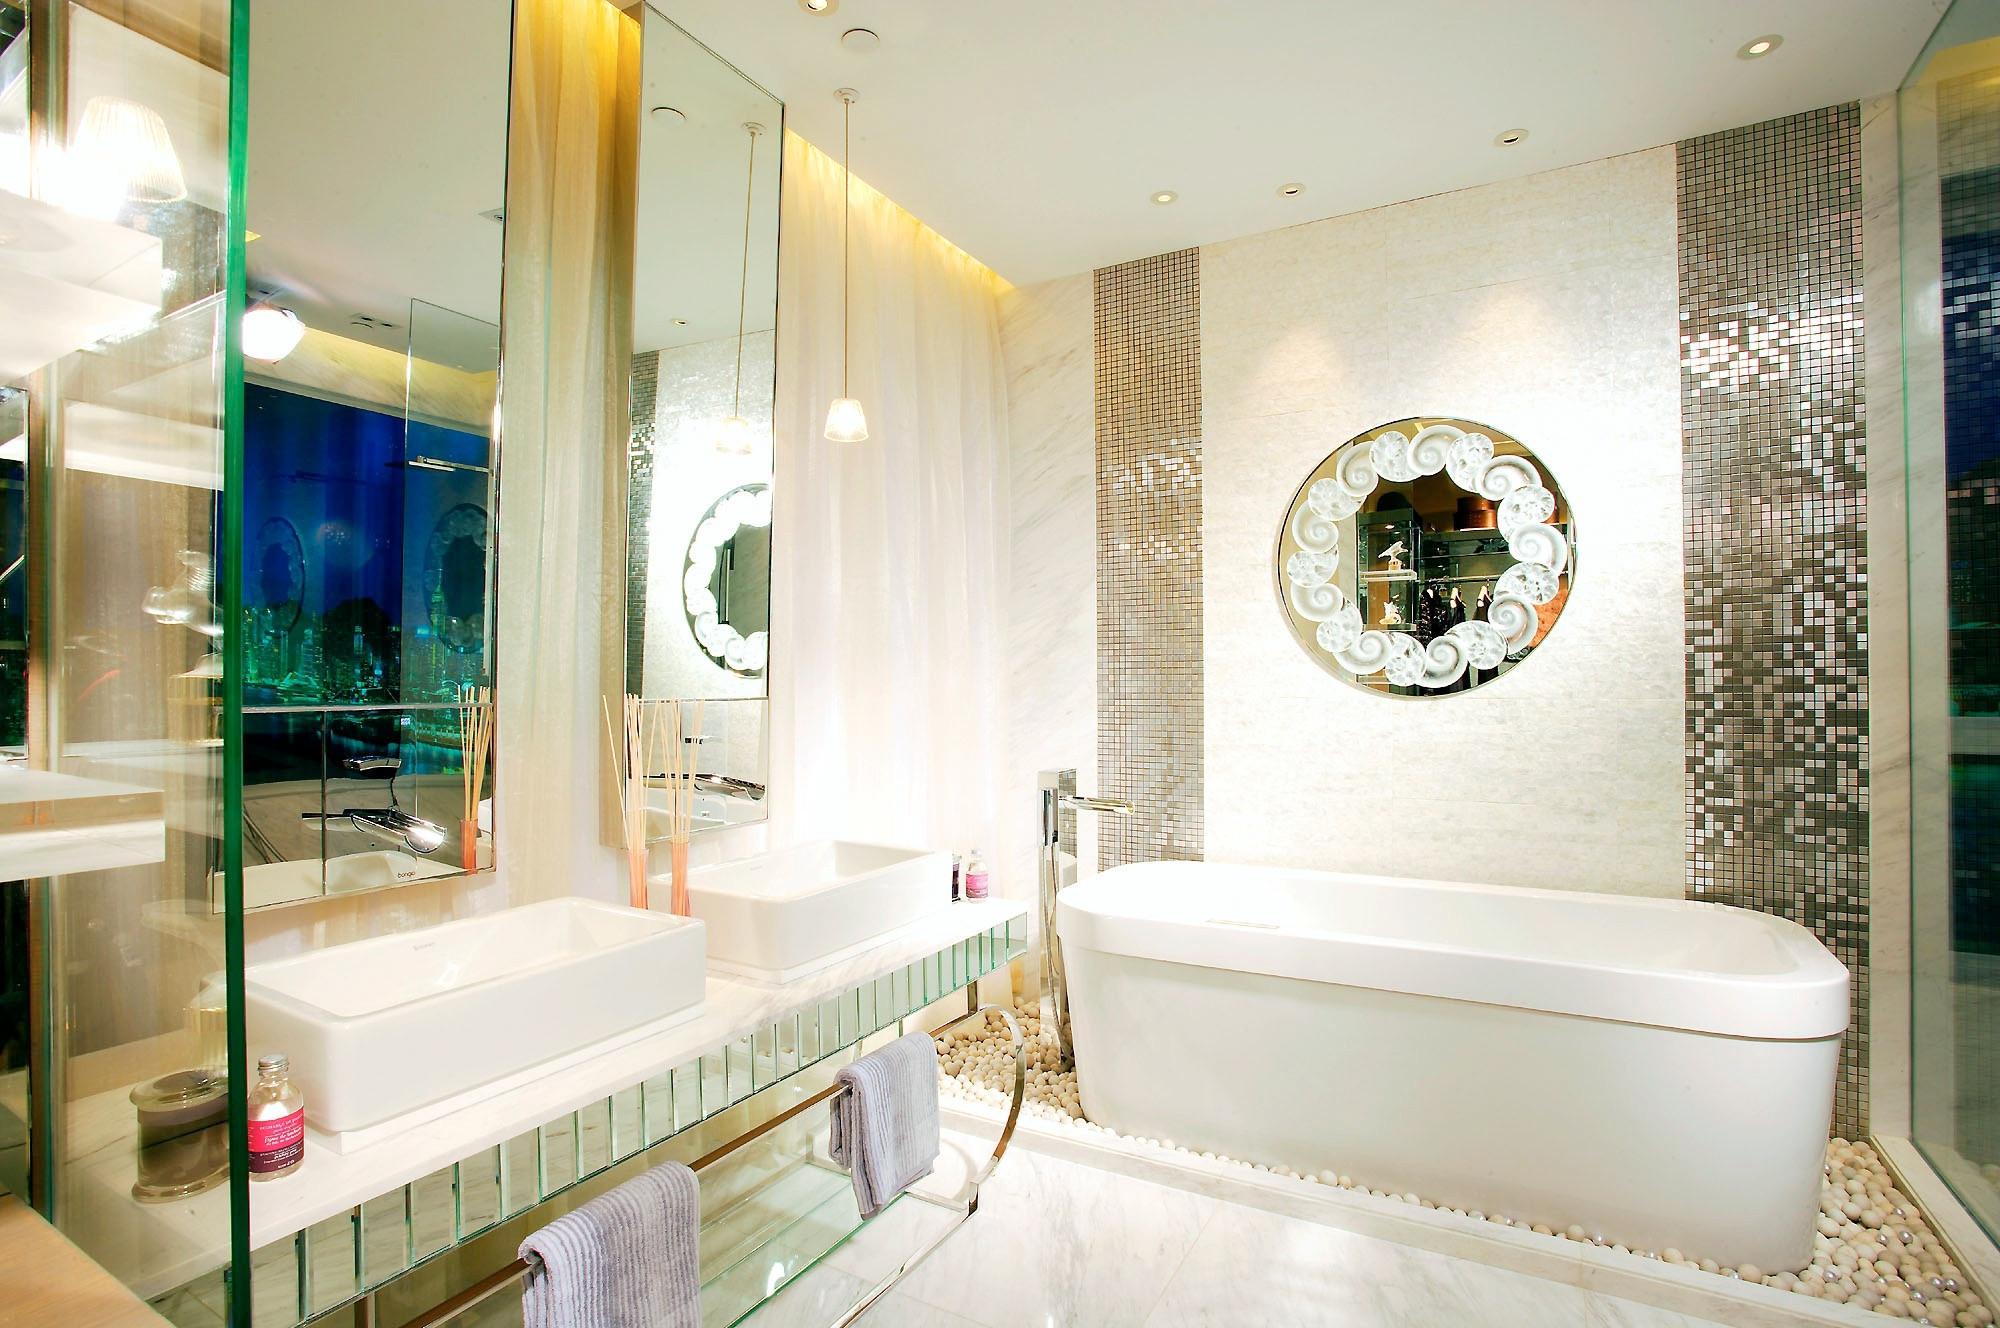 不大的洗手间里也做了干湿分离,洗手池柜面下则做了悬空,镜面柜和台下柜完美解决卫生间收纳问题。